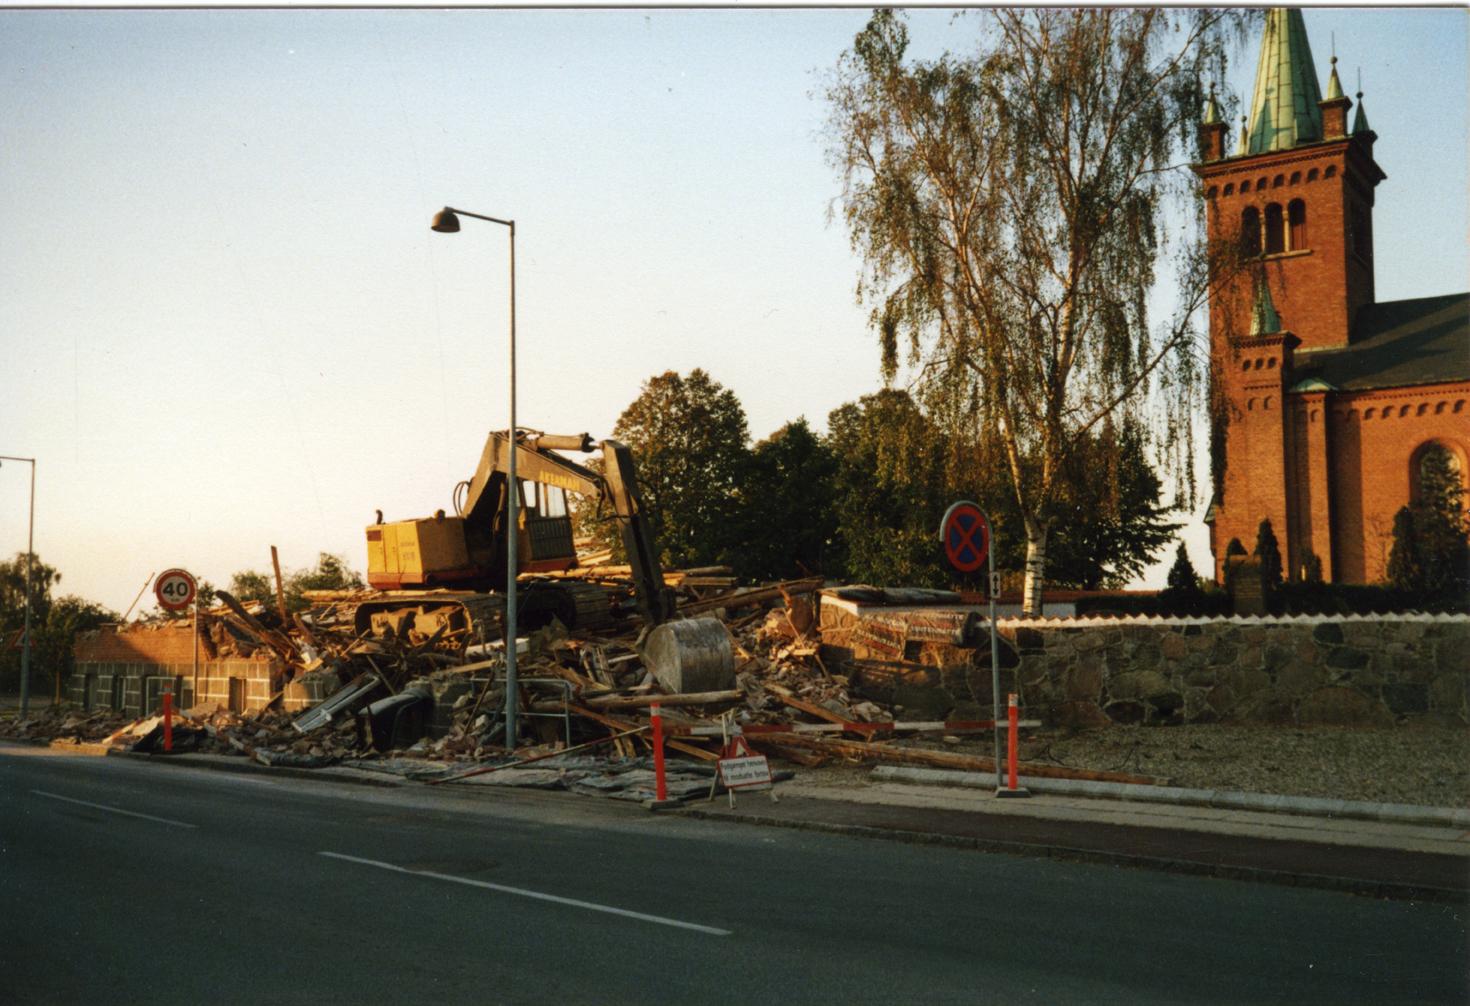 Billede 3 Nedbrydning af ejendom på Østrupvej, som lå i kirkegårdsmuren. Ejendommen blev, sammen med to andre huse der lå til venstre for denne ejendom, revet ned for at gøre plads til den nye urnekirkegård.